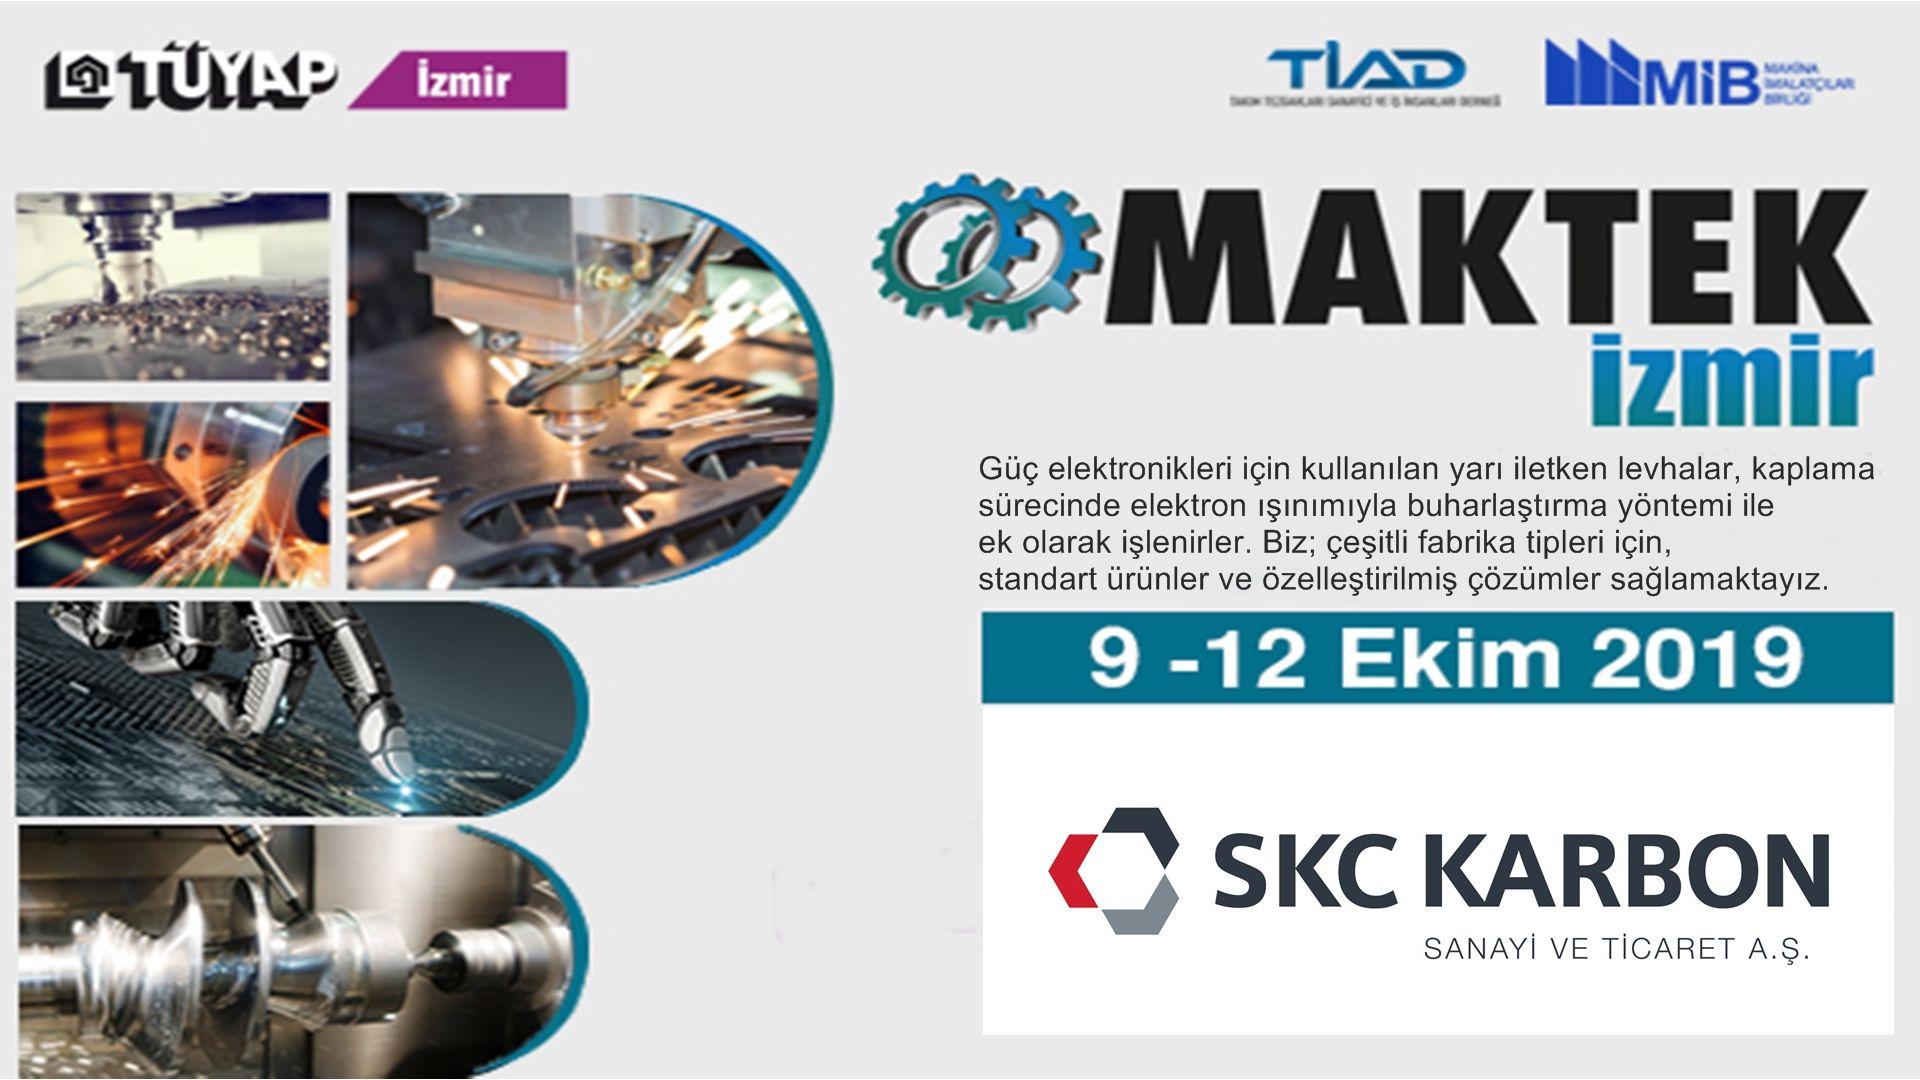 SKC, Maktek İzmir Fuarında makine sektörü ile buluşacak